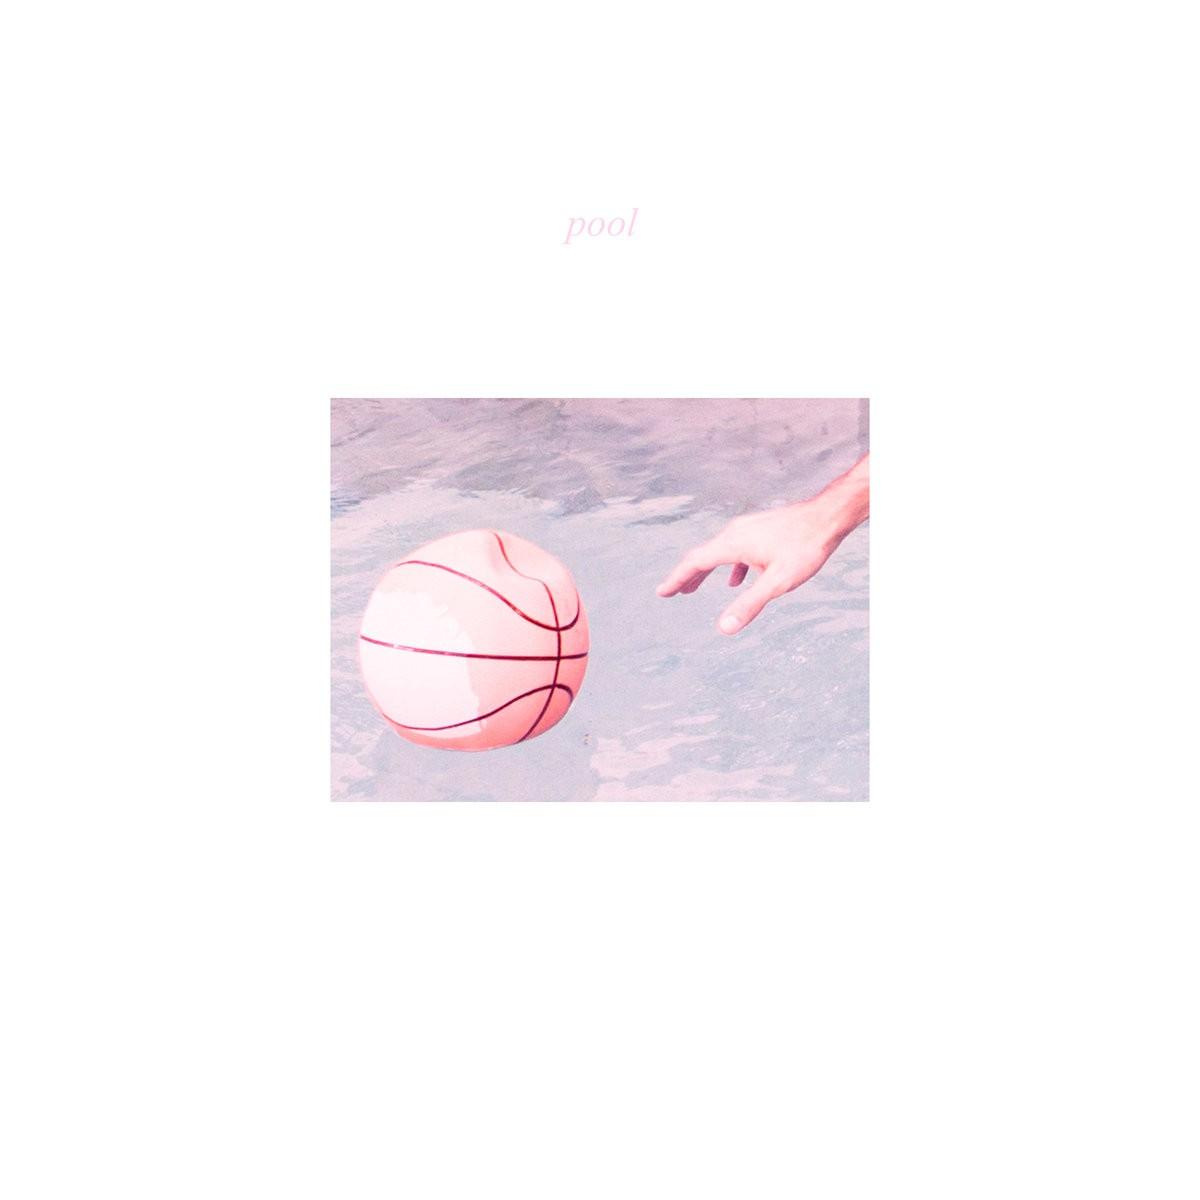 Porches Pool Album